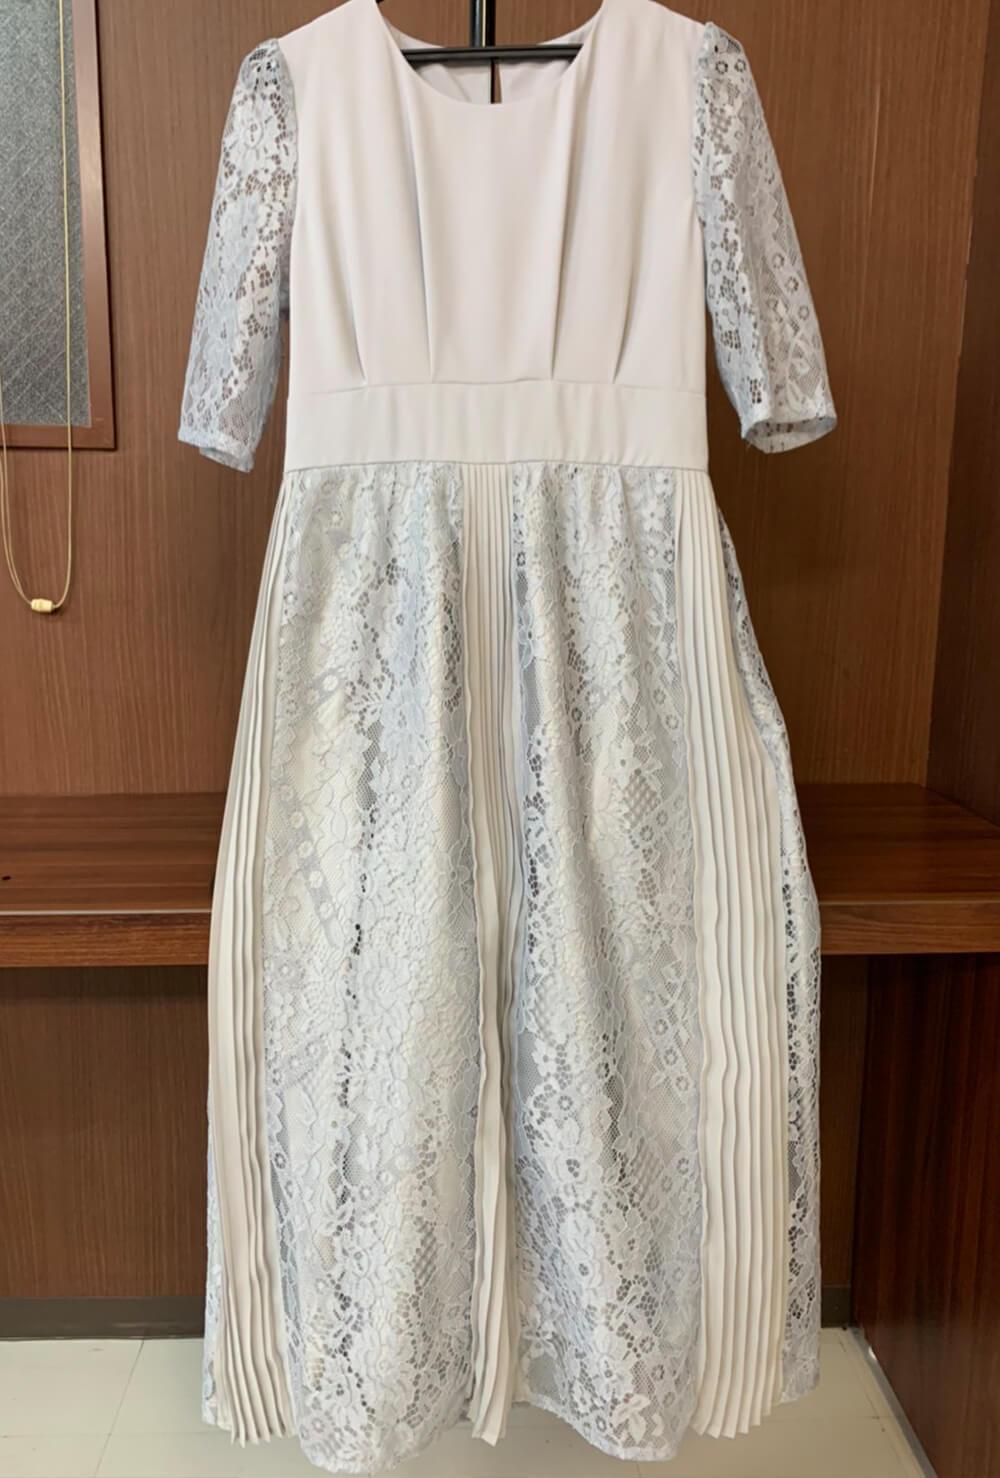 柔らかなアイボリーのドレス